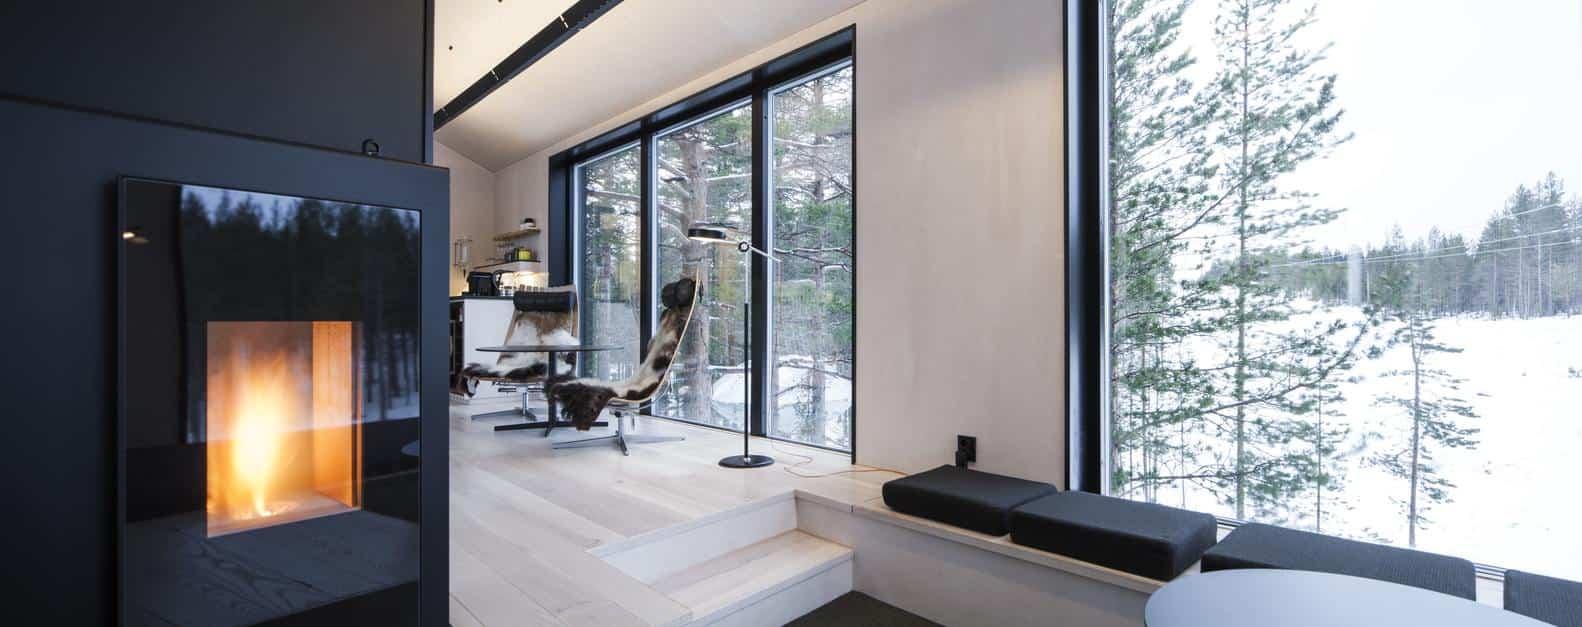 Séptima habitación treehotel en Suecia 9